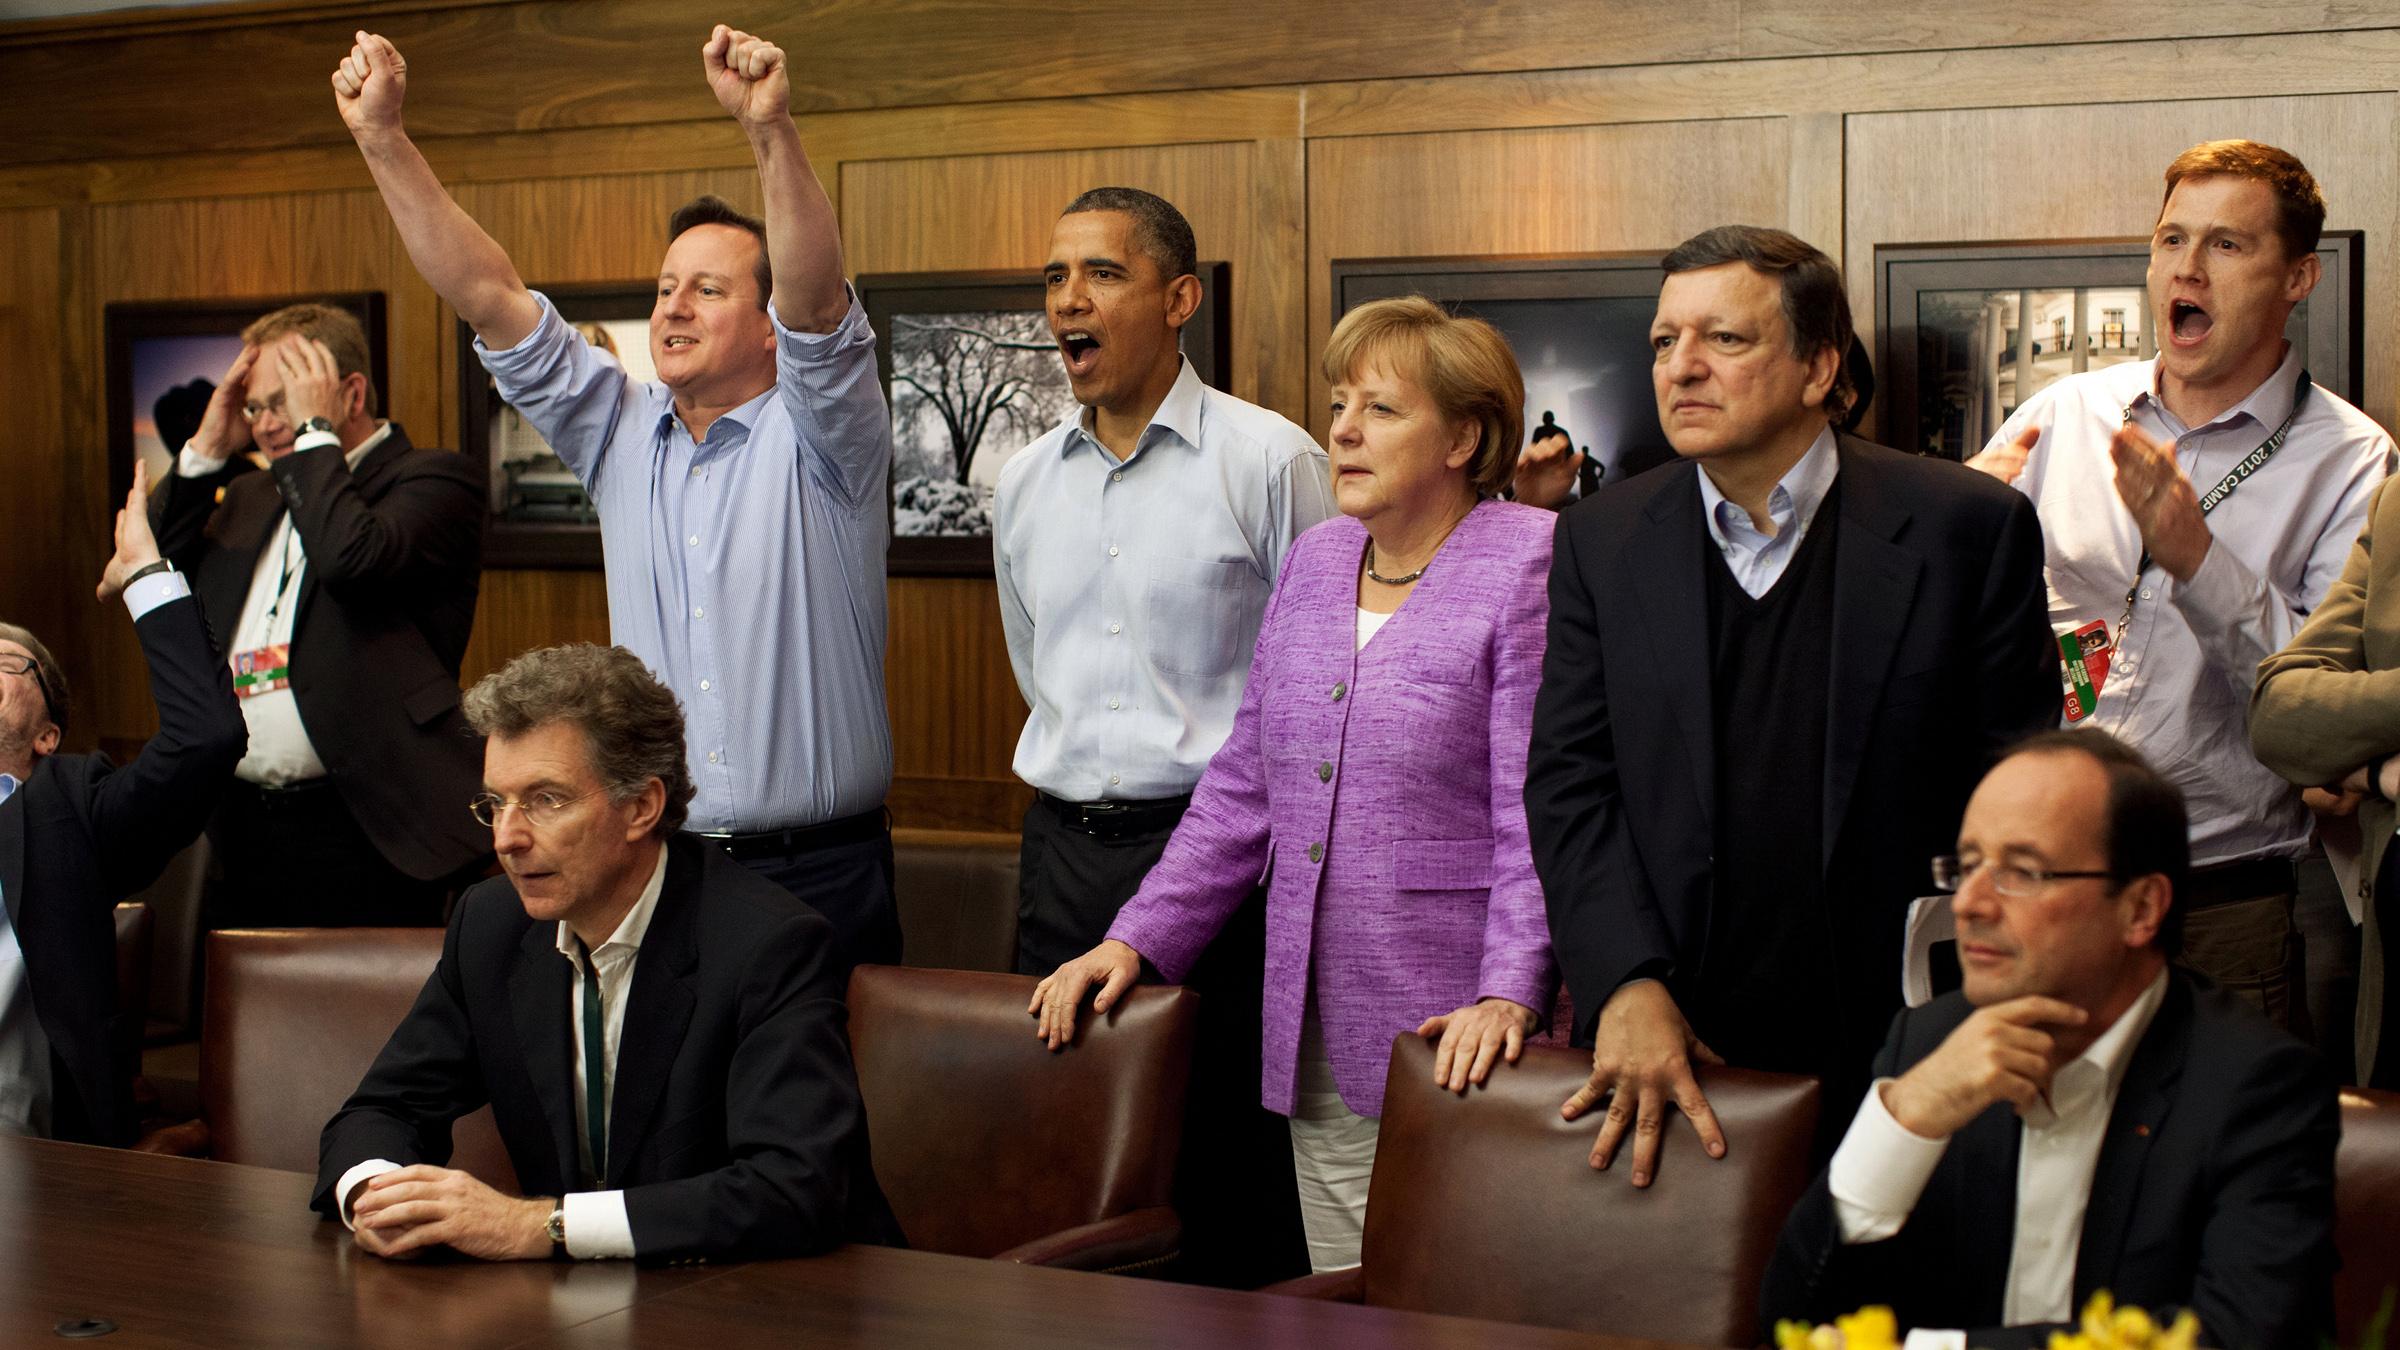 Angela Merkel Nude 15 big decisions that can't be made until angela merkel is